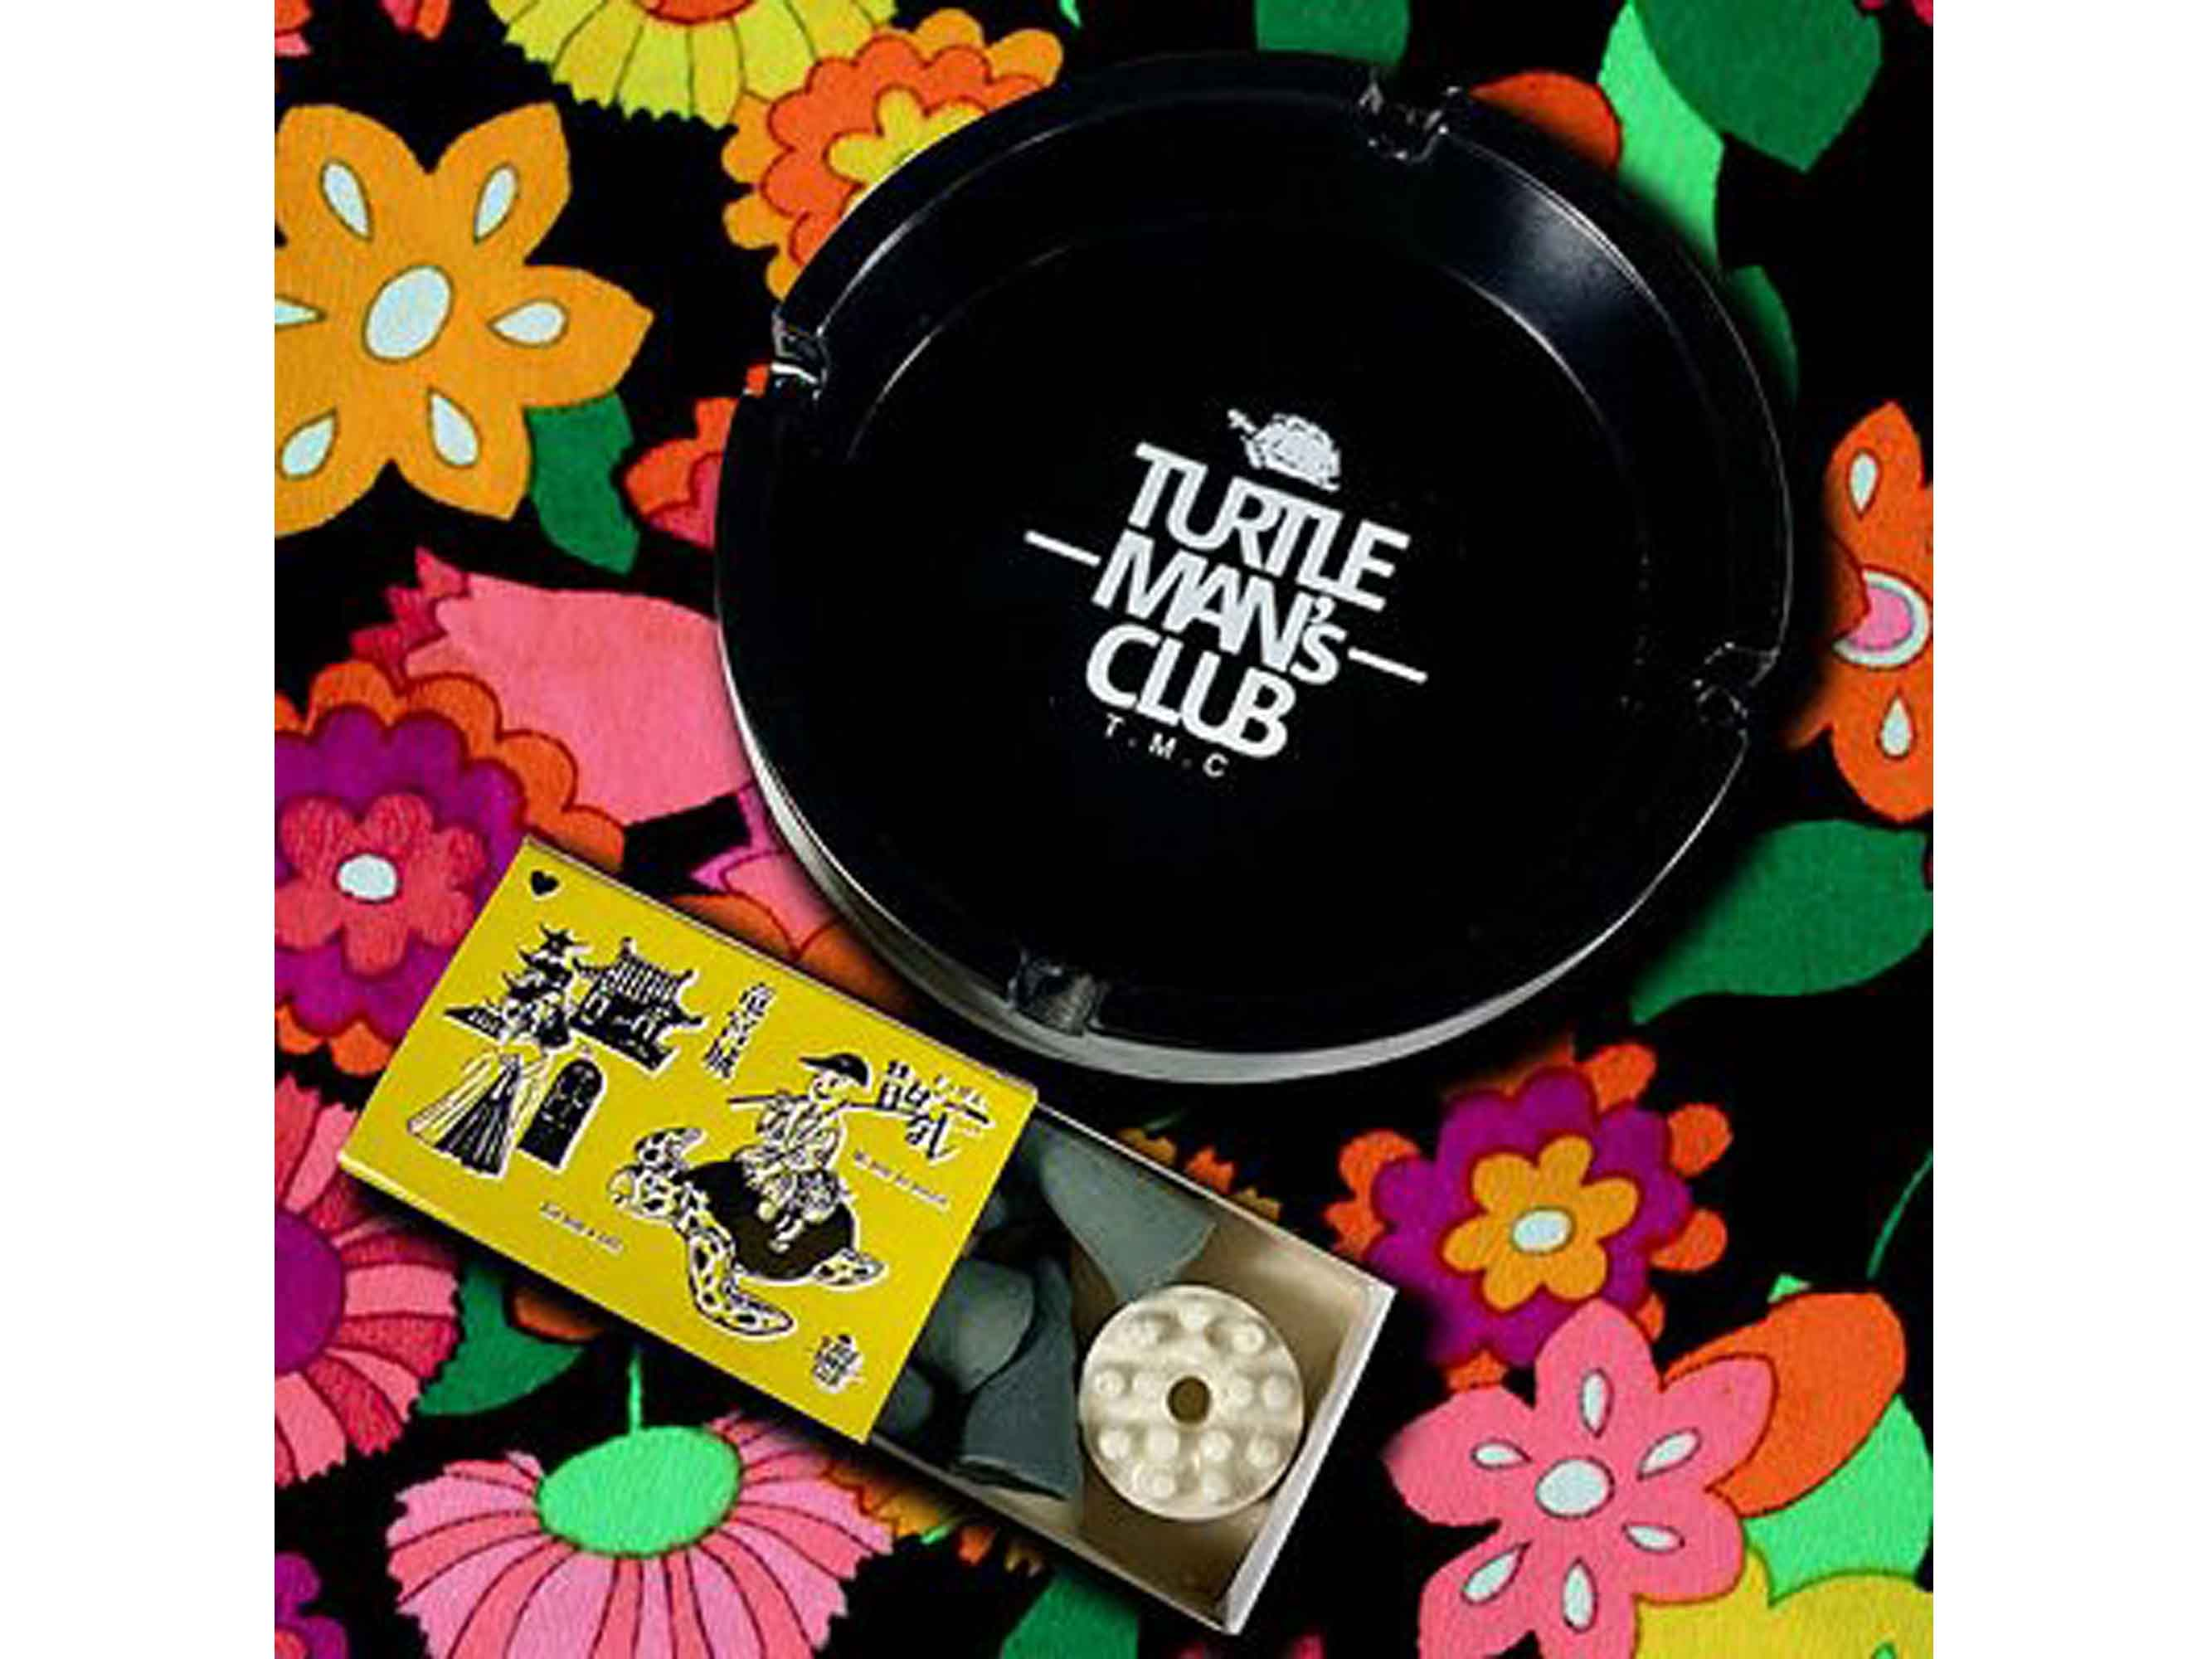 超特典おまけCD「ジャパニーズレガエ3」&ステッカー付き 灰皿&マッチ箱入りお香セット - TURTLEMAN'S CLUB